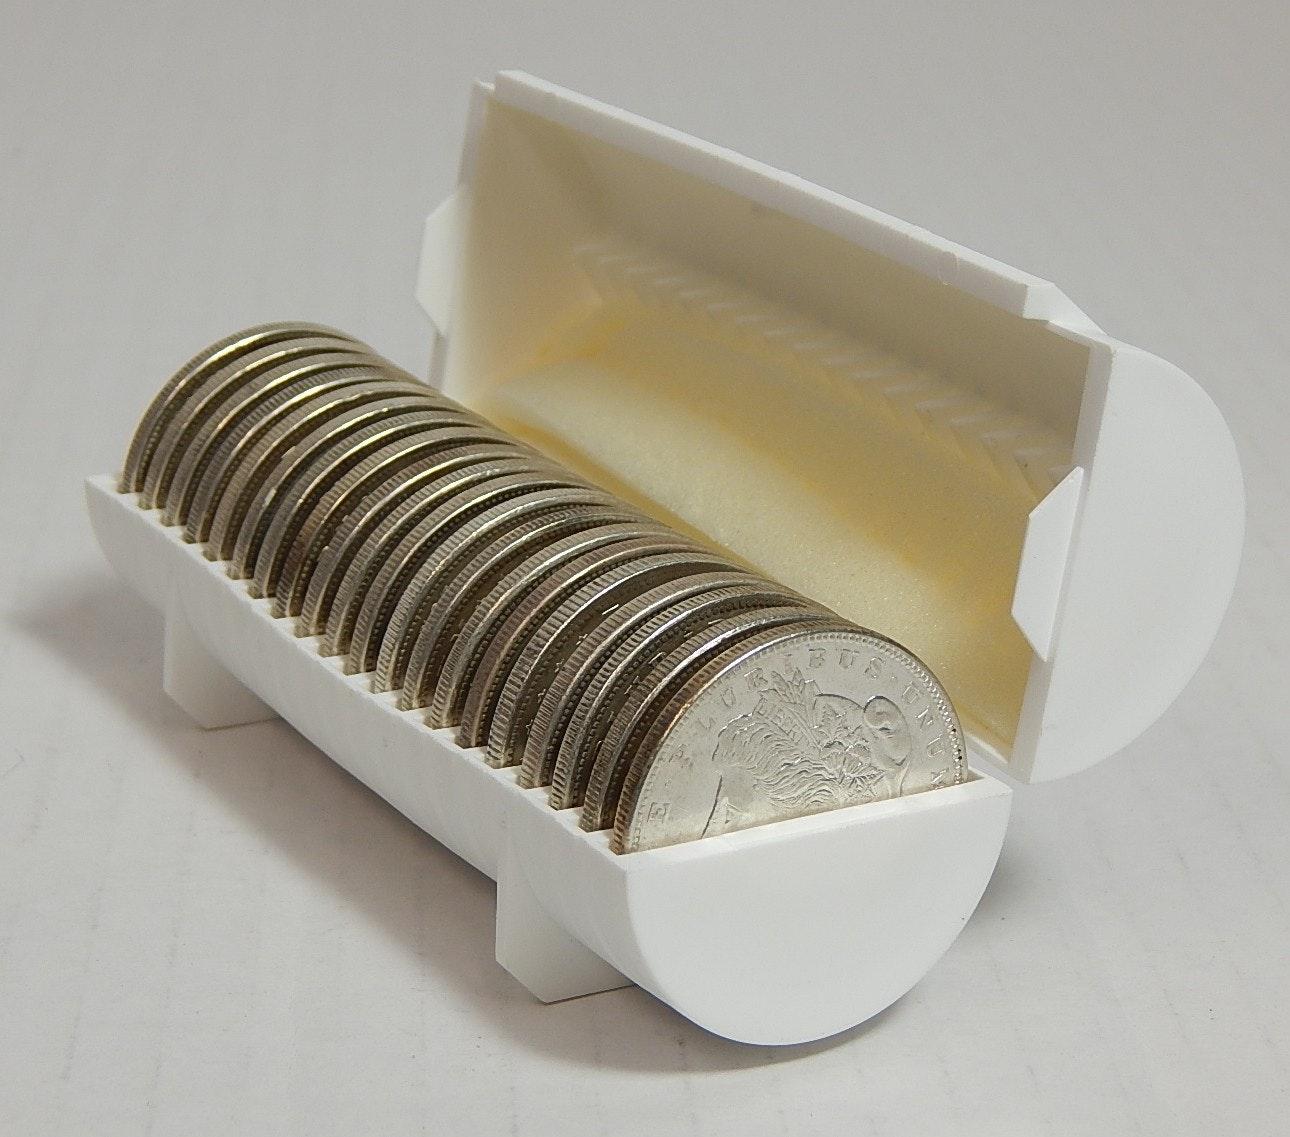 Twenty 1921 Morgan Silver Dollars in Case